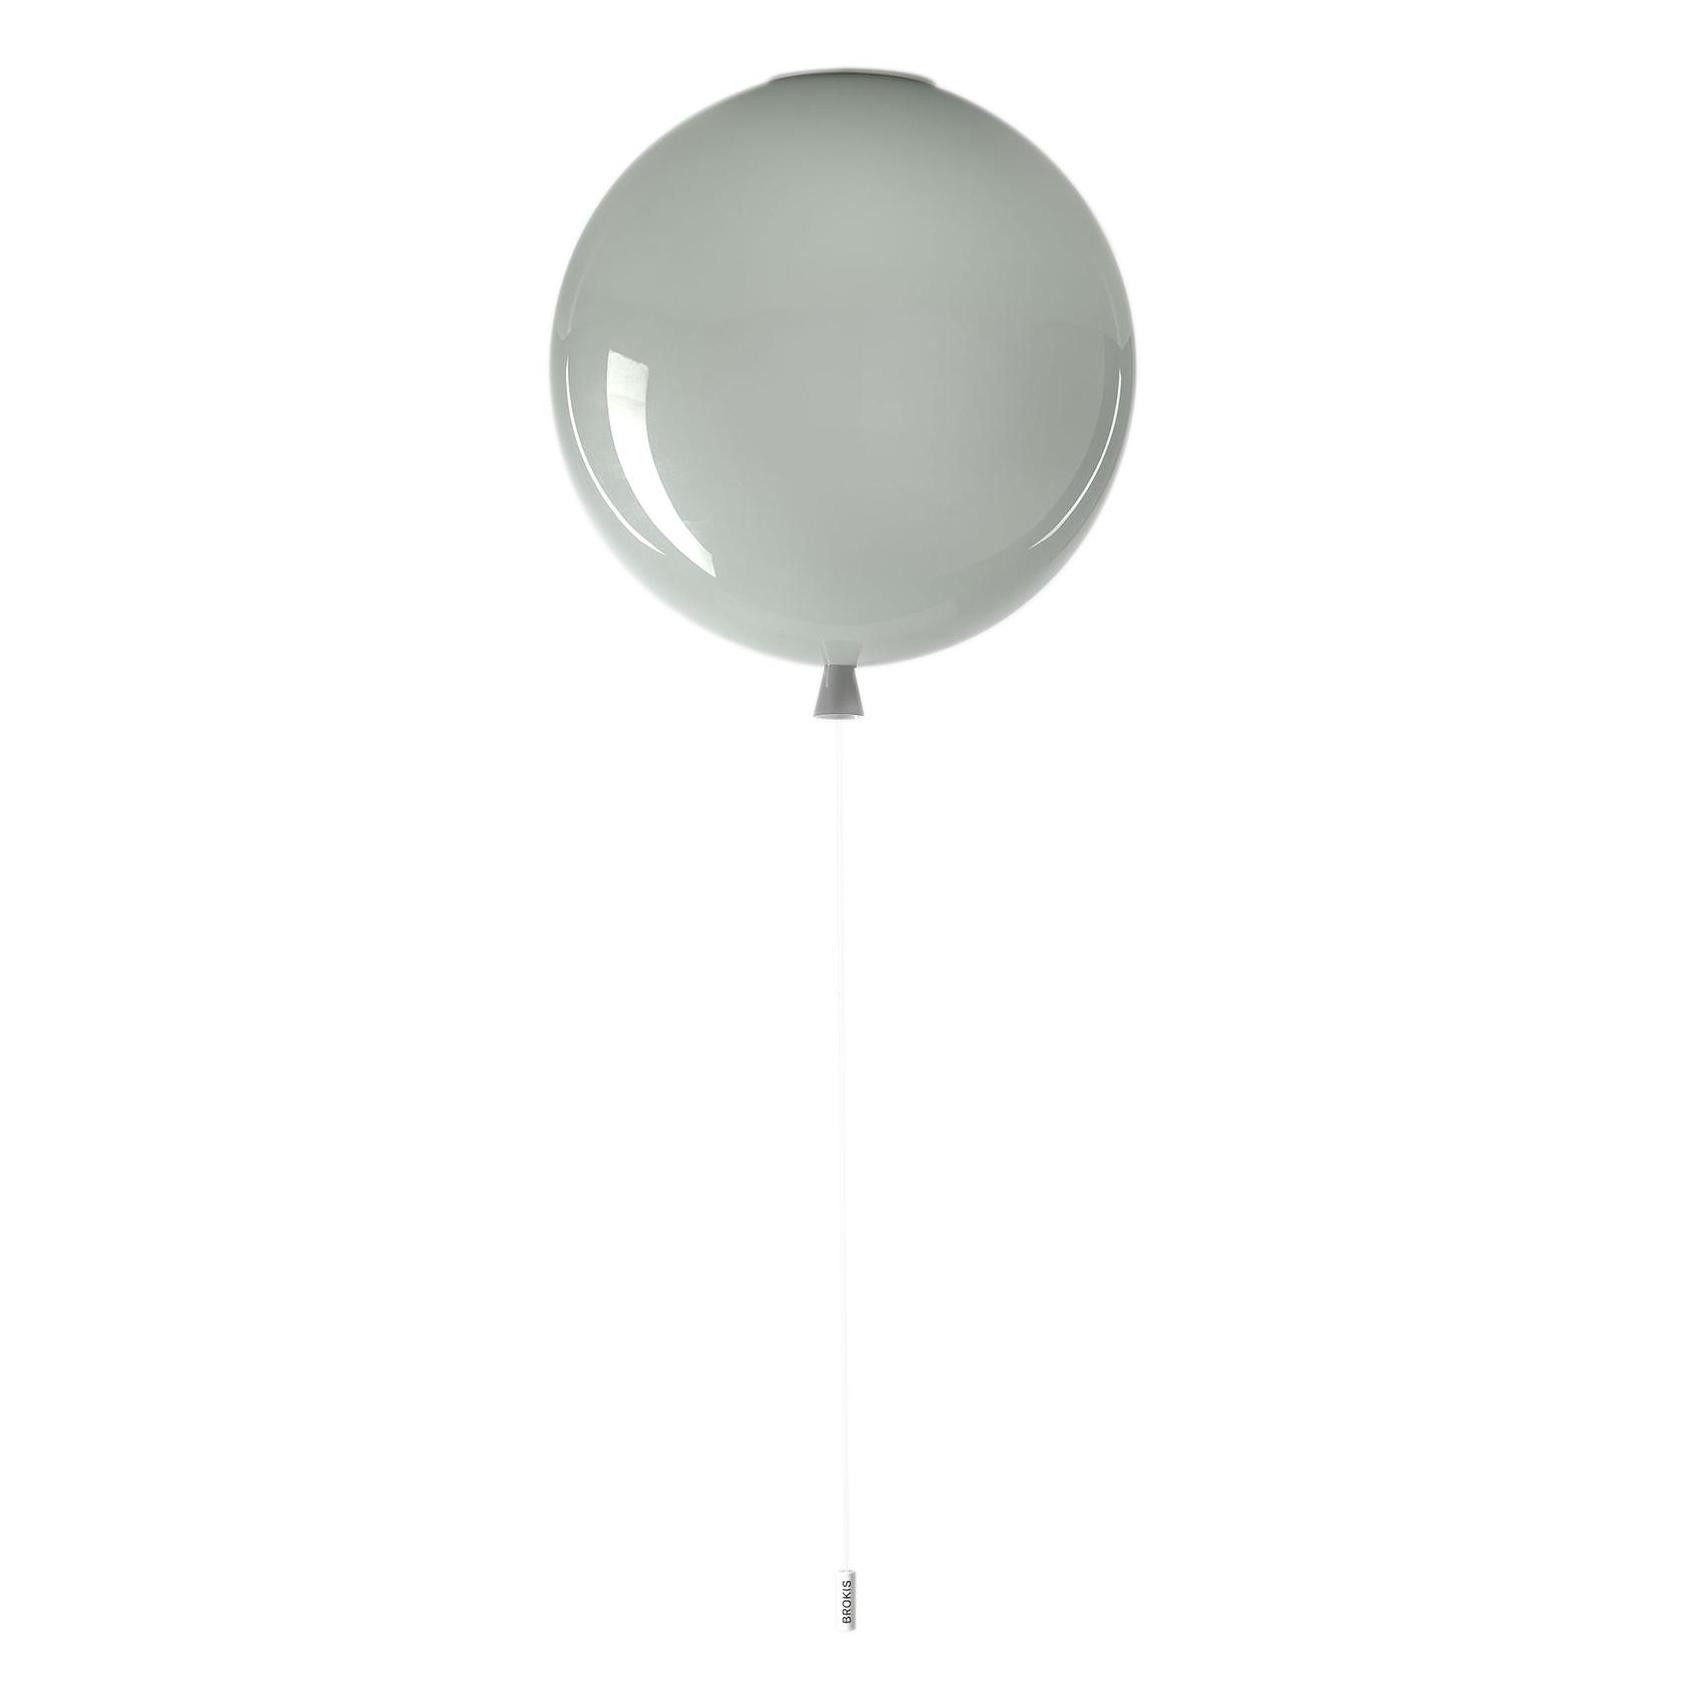 Brokis - Memory 400 Deckenleuchte - grau/glänzend/H 41,5cm / Ø 40cm/Kabel w günstig online kaufen